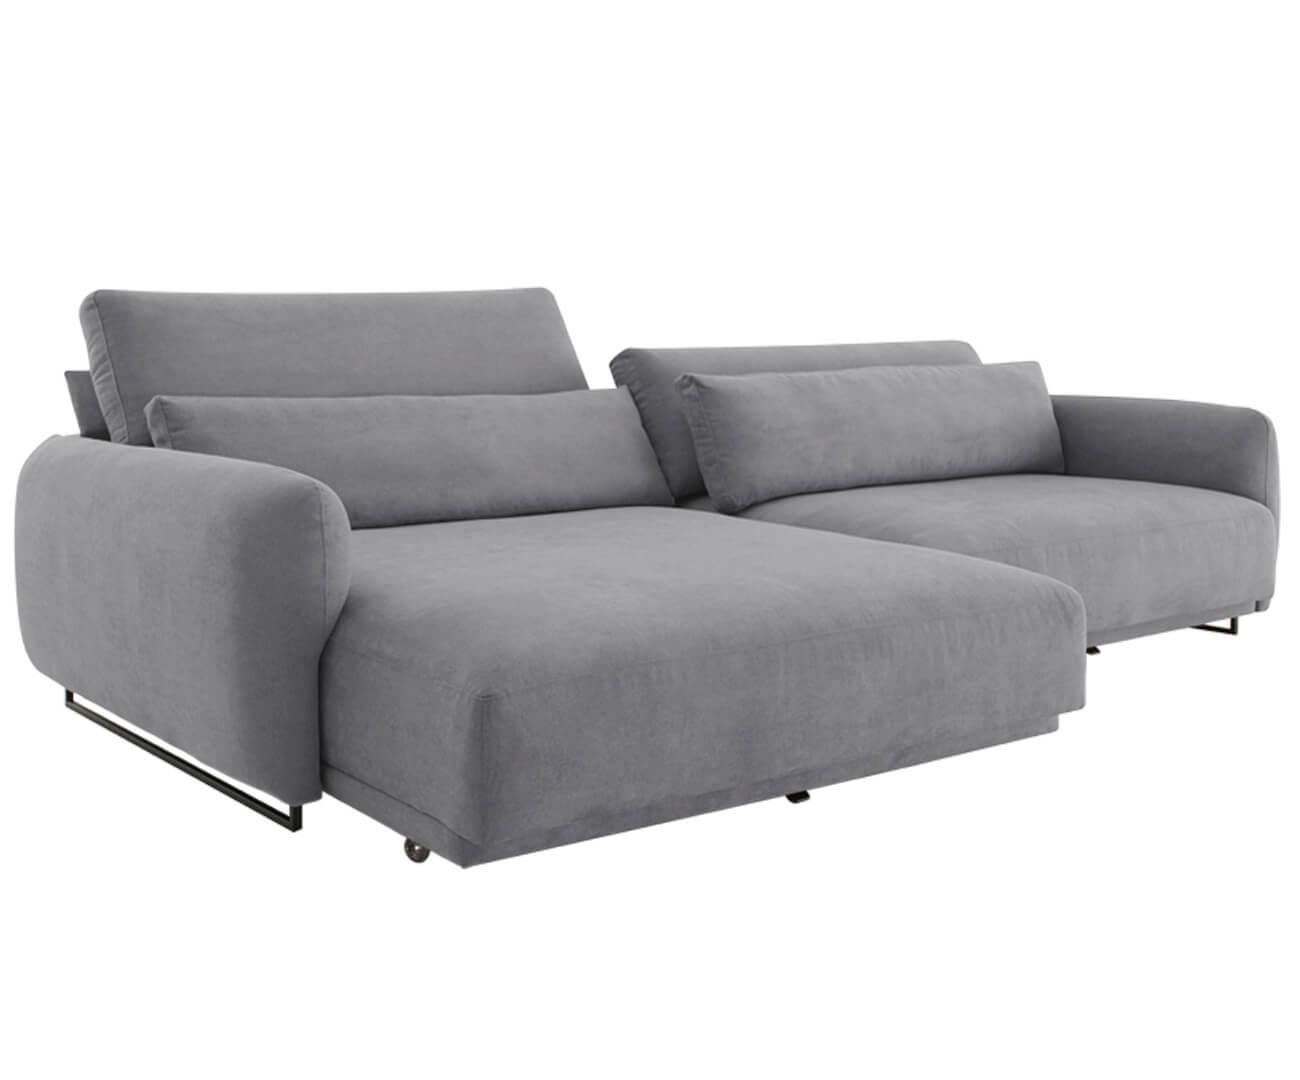 sofá retrátil em molas 4 lugares upper 1383